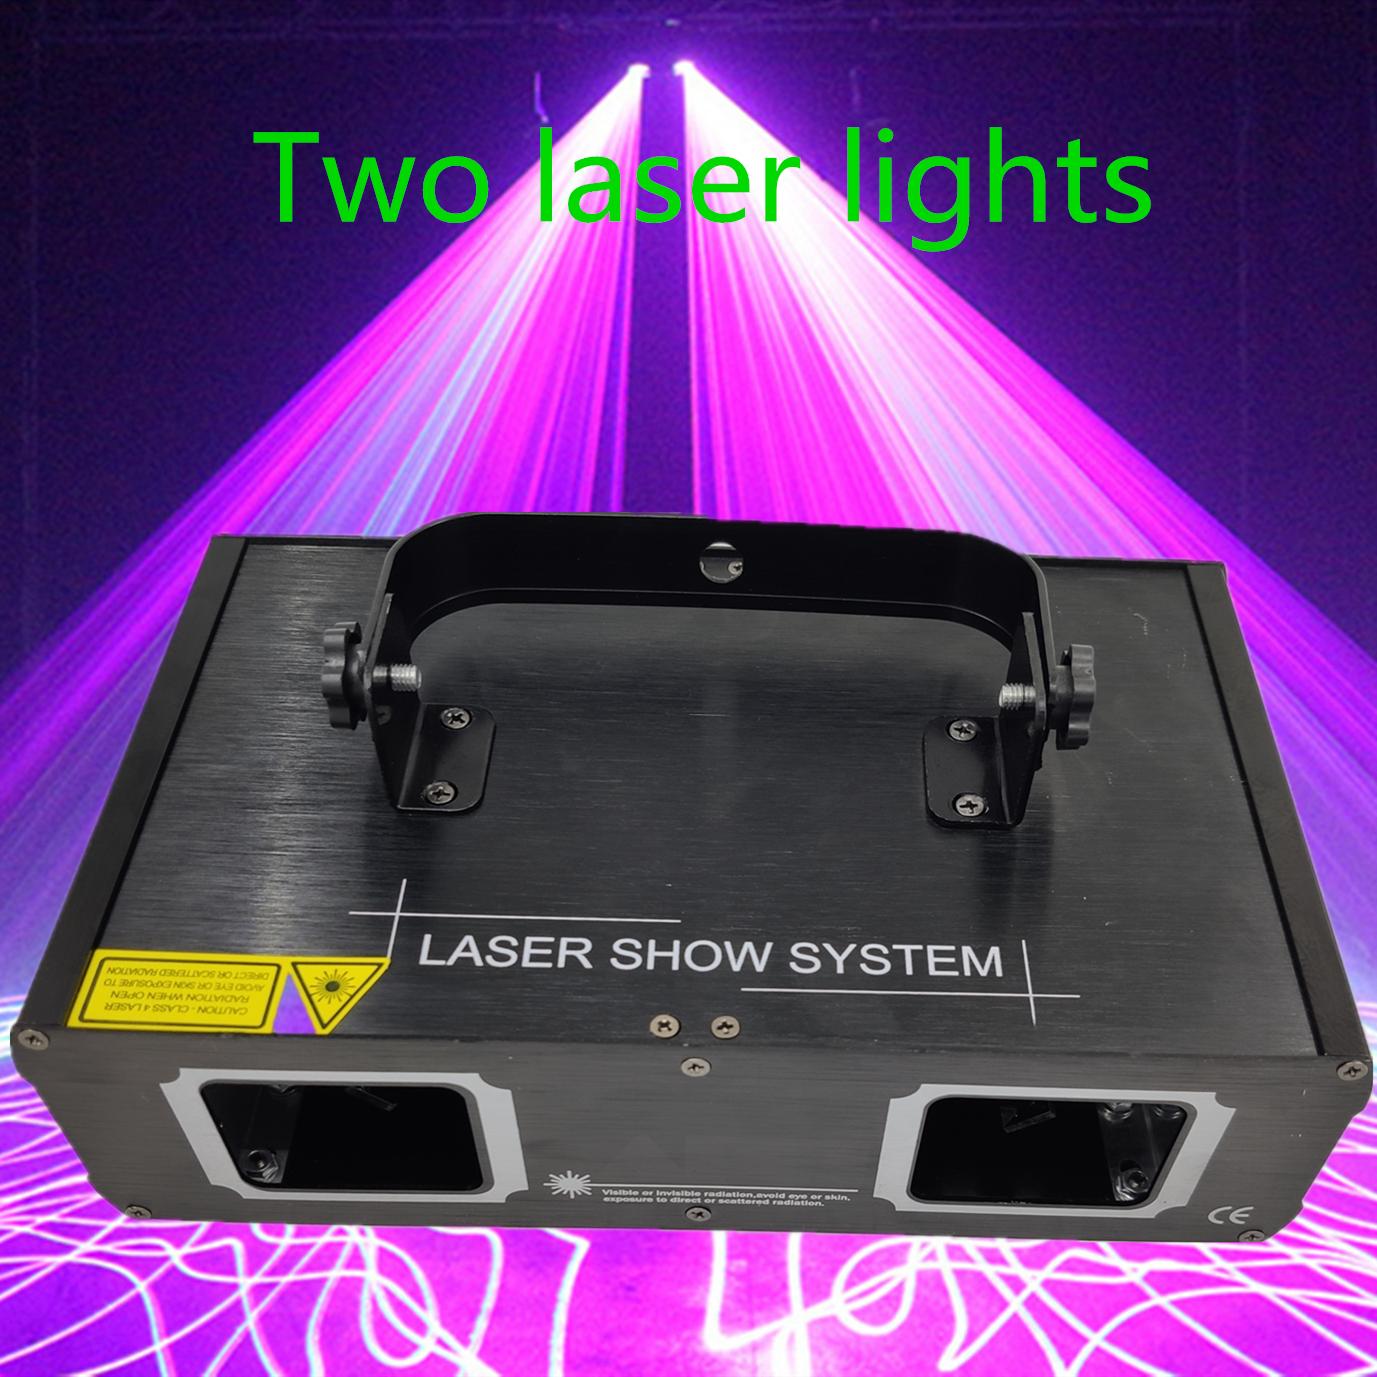 Lámpara láser de salida de fábrica 2 cabezales láser efecto de doble agujero etapa DMX512 iluminación para DJ discoteca fiesta KTV club nocturno y pista de baile